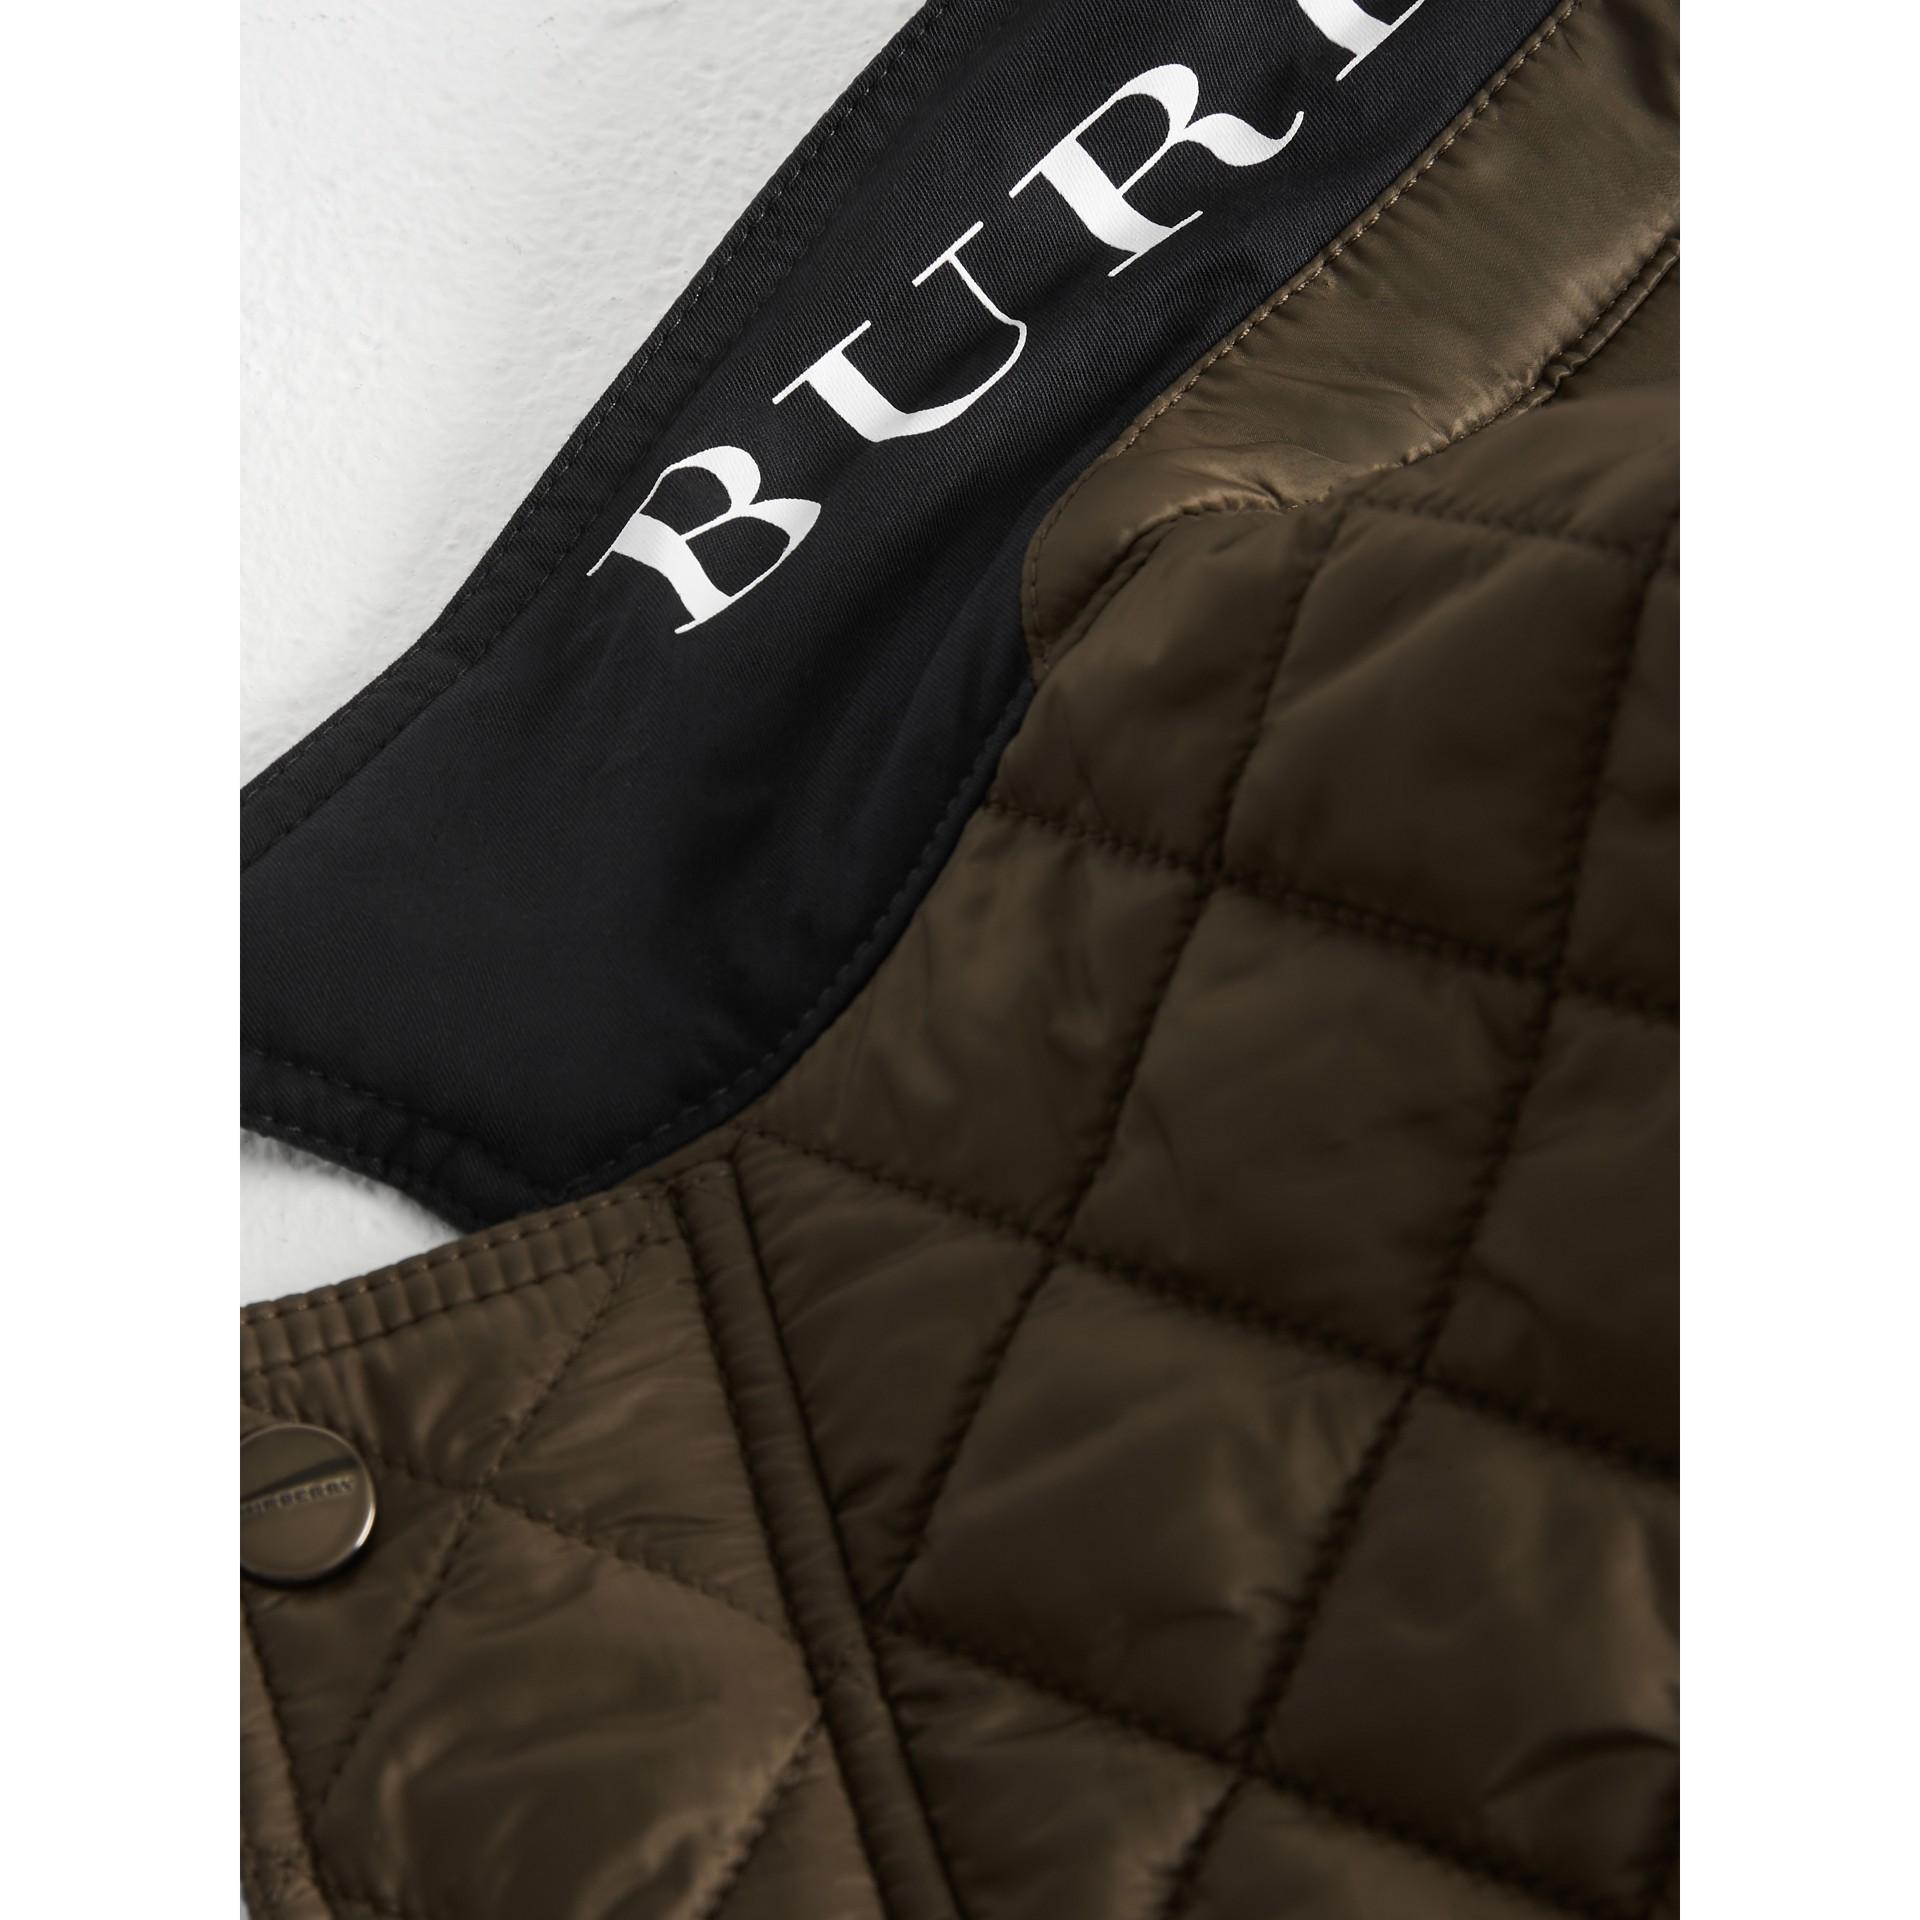 Veste légère matelassée avec capuche amovible (Origan) - Garçon   Burberry Canada - photo de la galerie 1